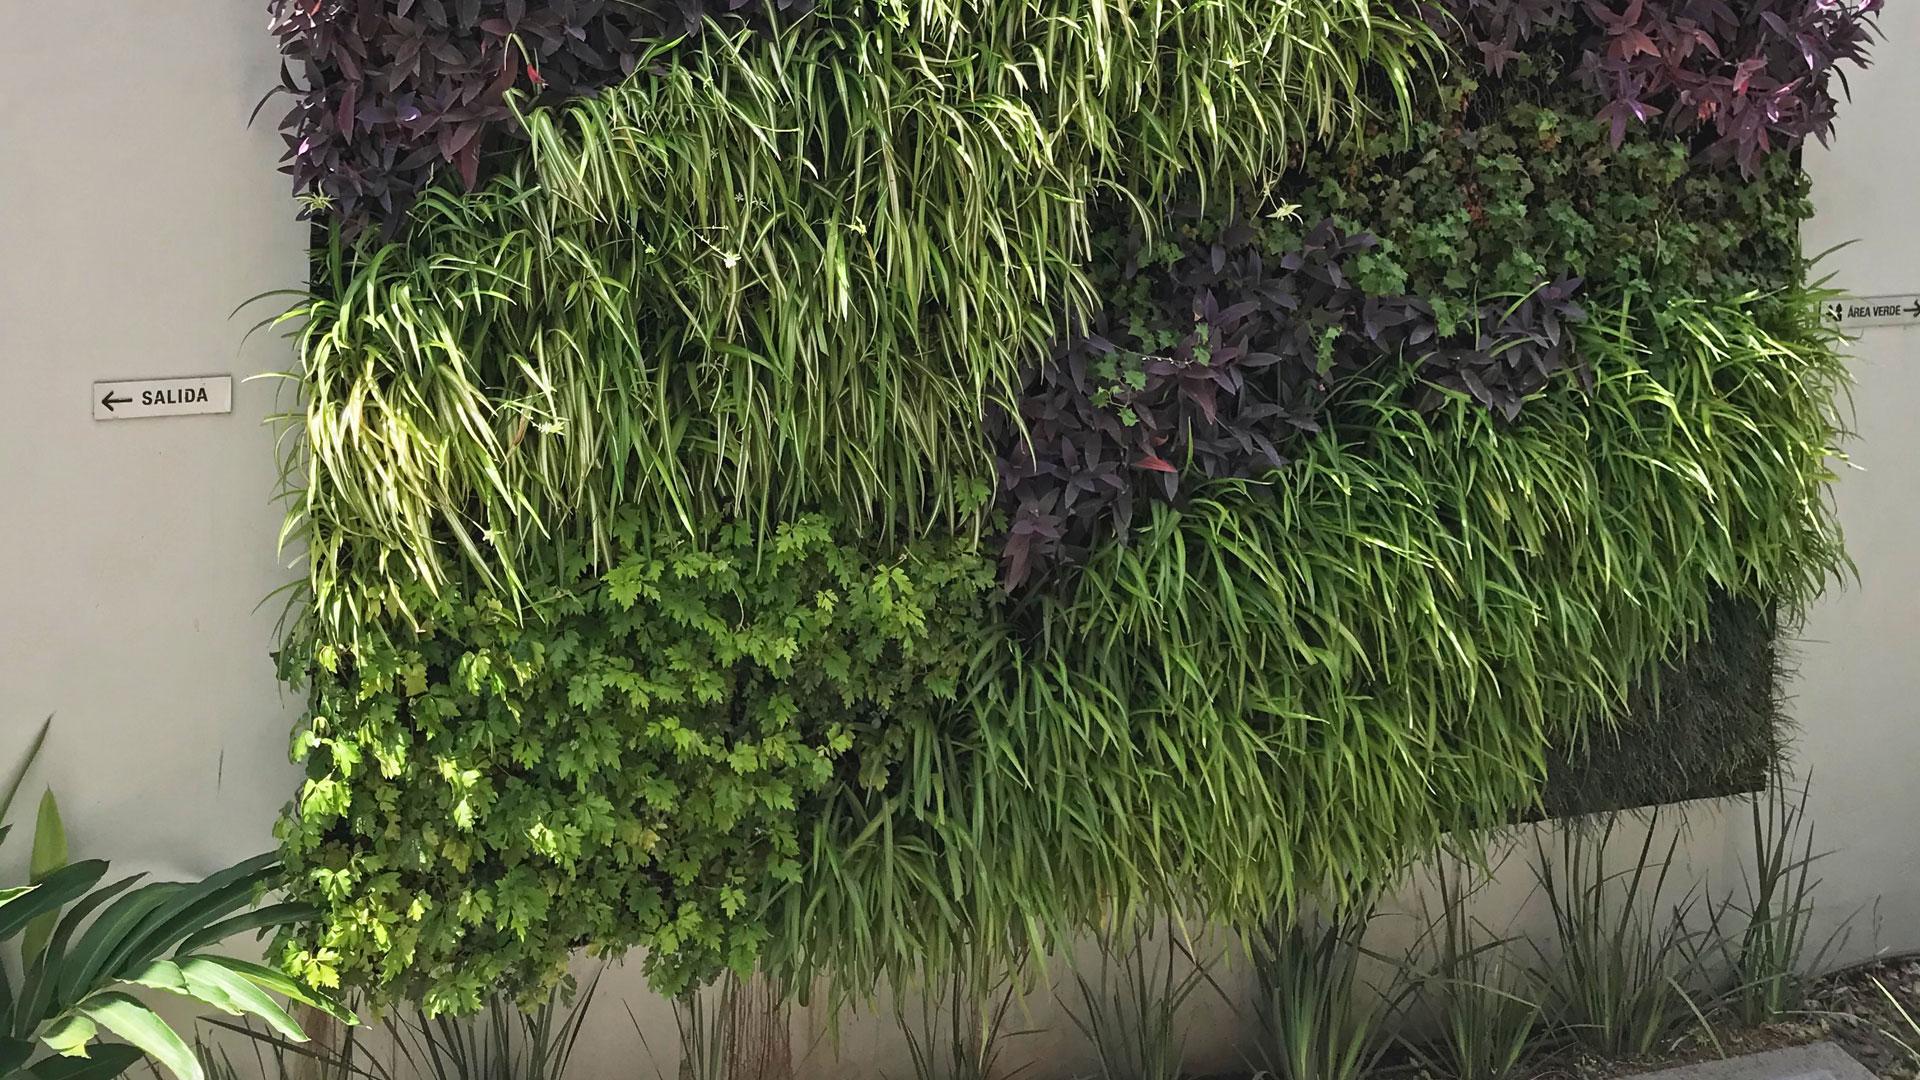 Jard n vertical en casa particular artevegetalartevegetal - Jardin vertical en casa ...